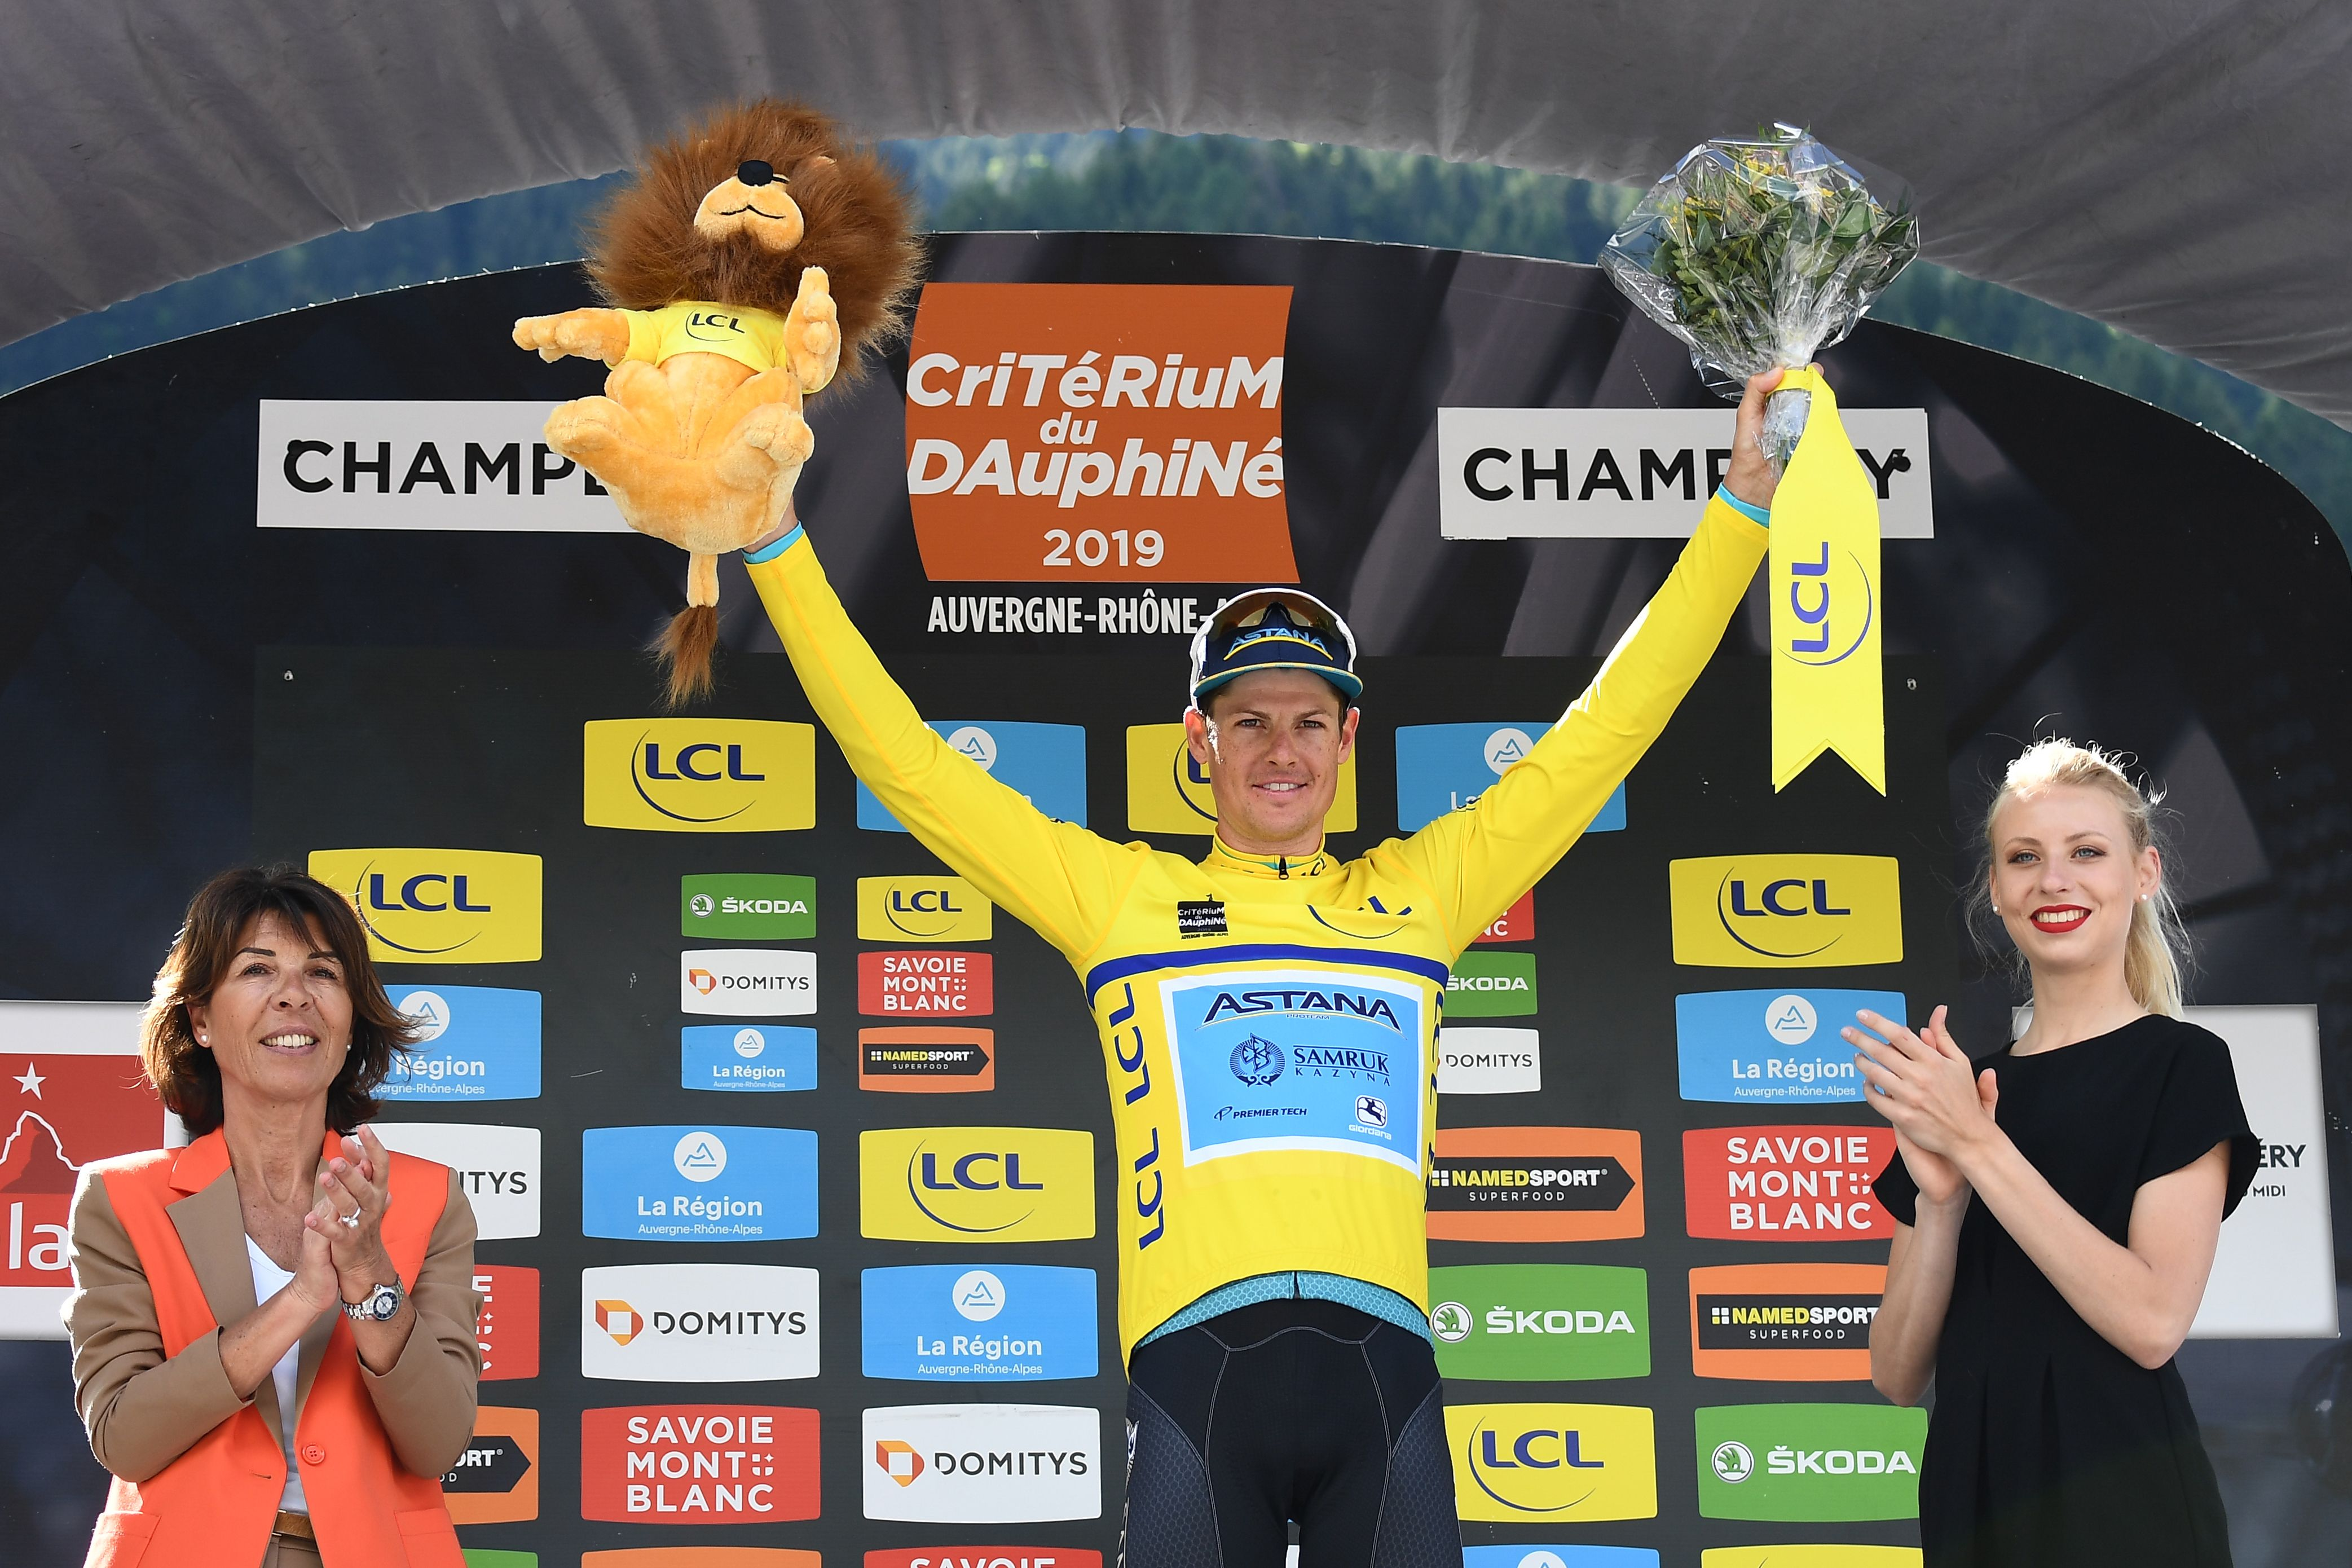 Cyclisme - Dauphiné : Fuglsang vainqueur pour la deuxième fois